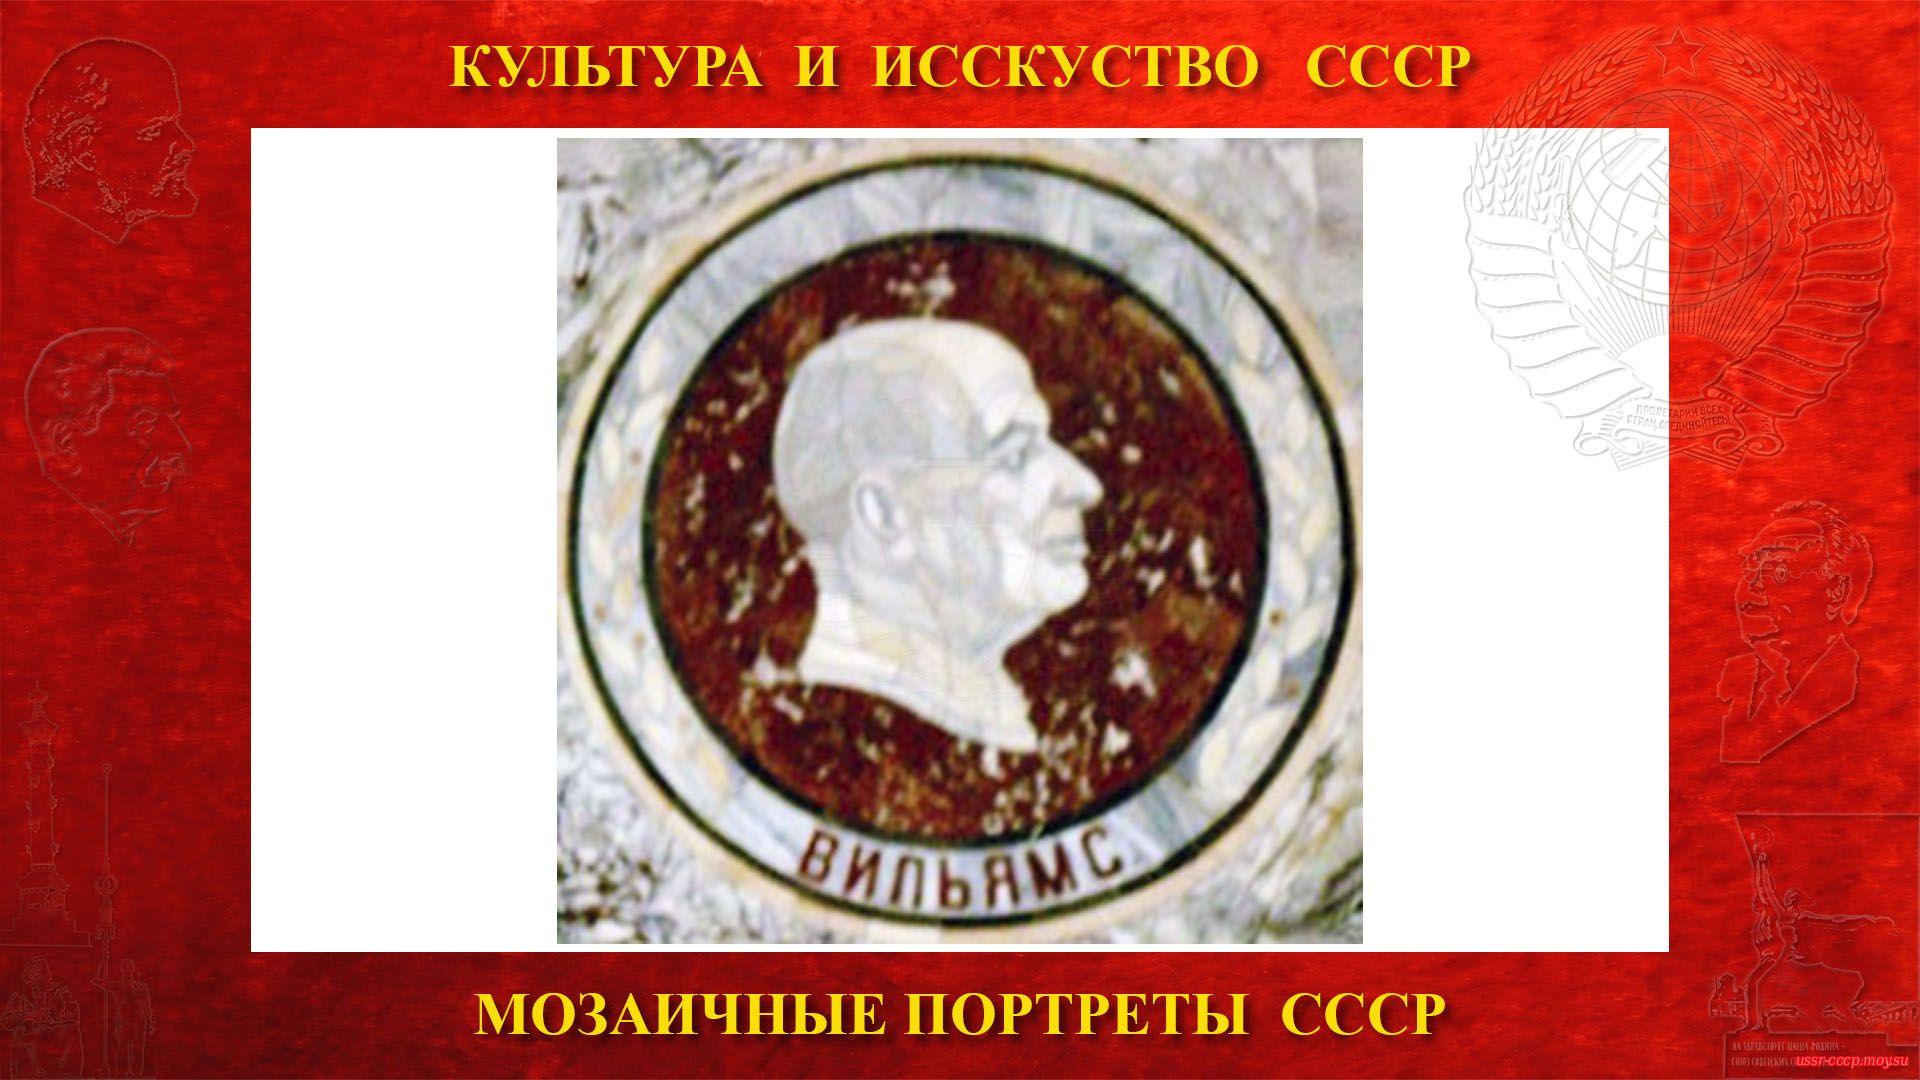 Мозаичный портретВильямсу В.Р.на Ленинских горах в ГЗ МГУ(Москва 1953) (повествование)